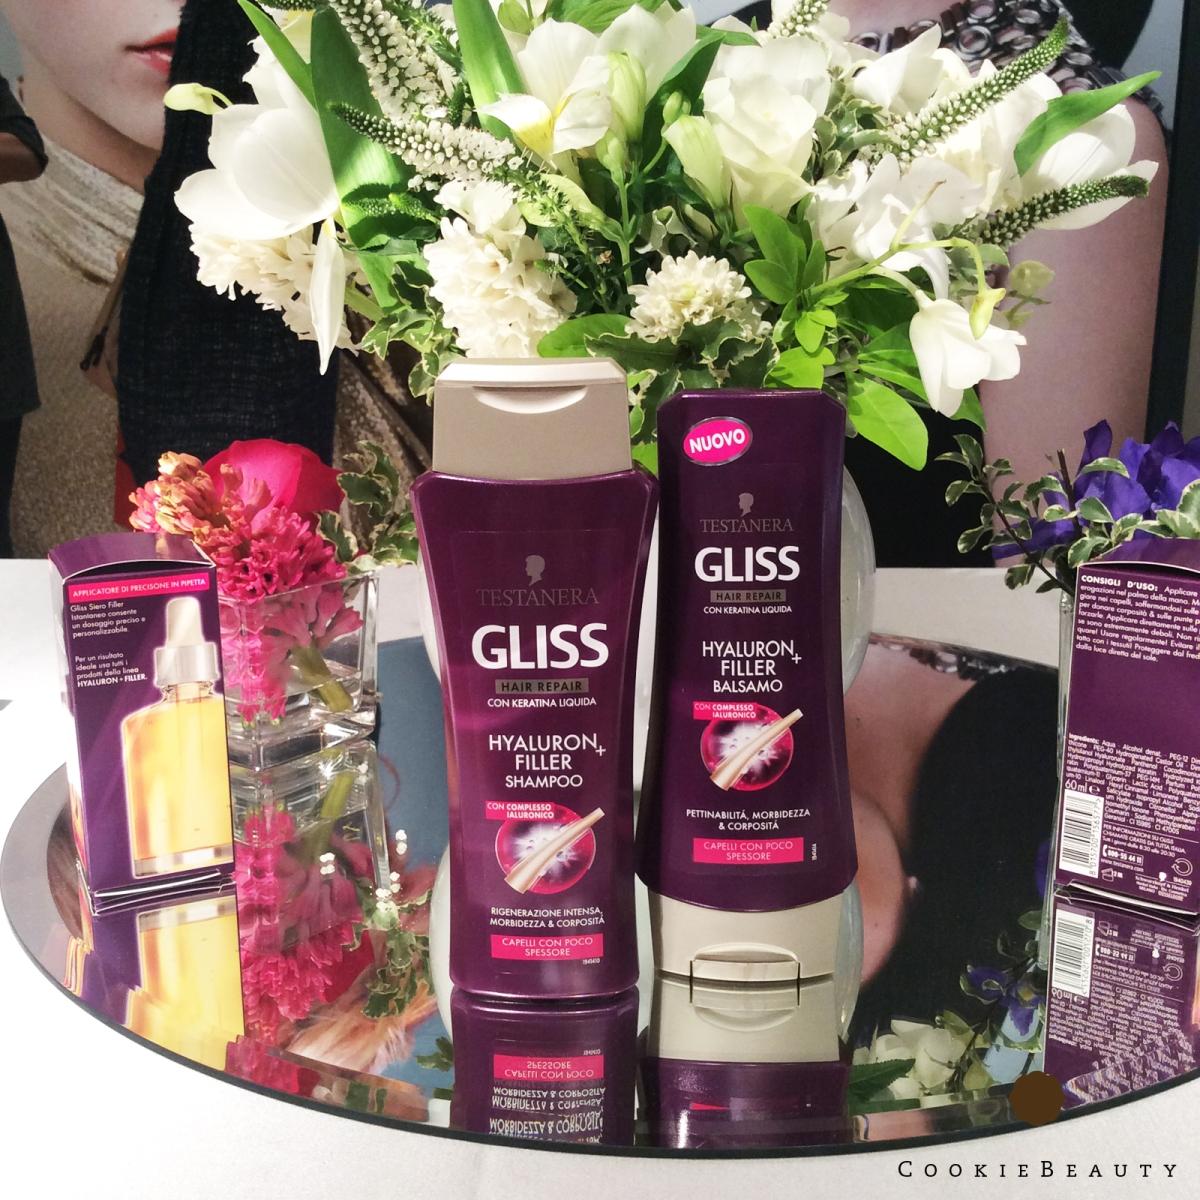 Testanera Gliss Hyaluron+ Filler - La salvezza dei capelli sottili